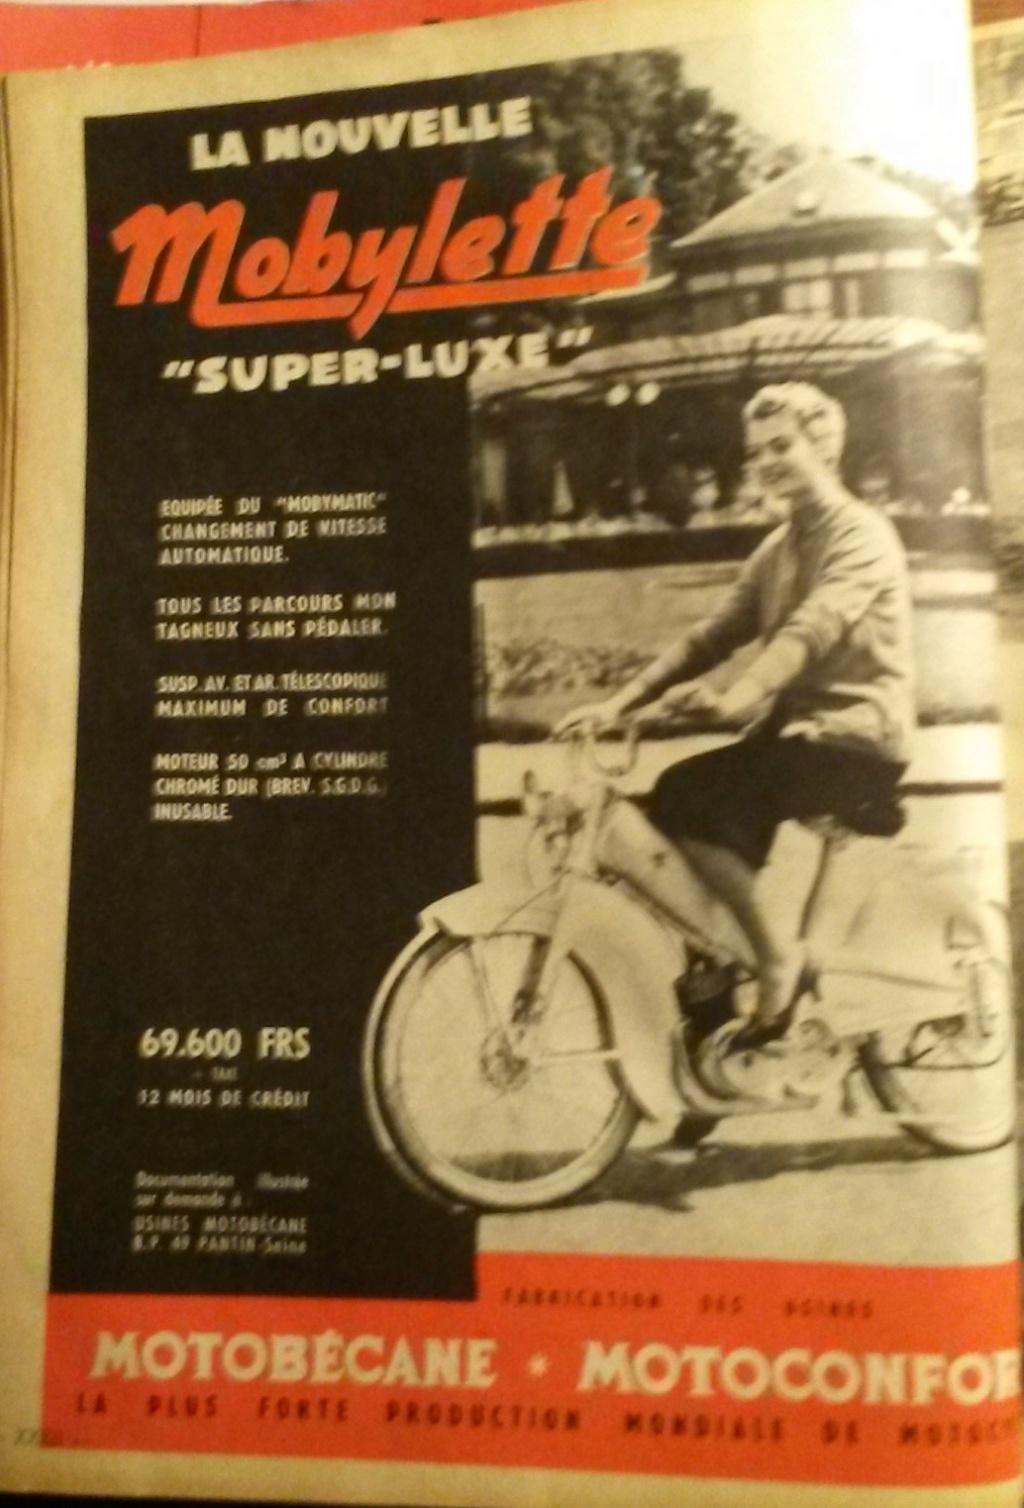 moto revue octobre 1956  04314